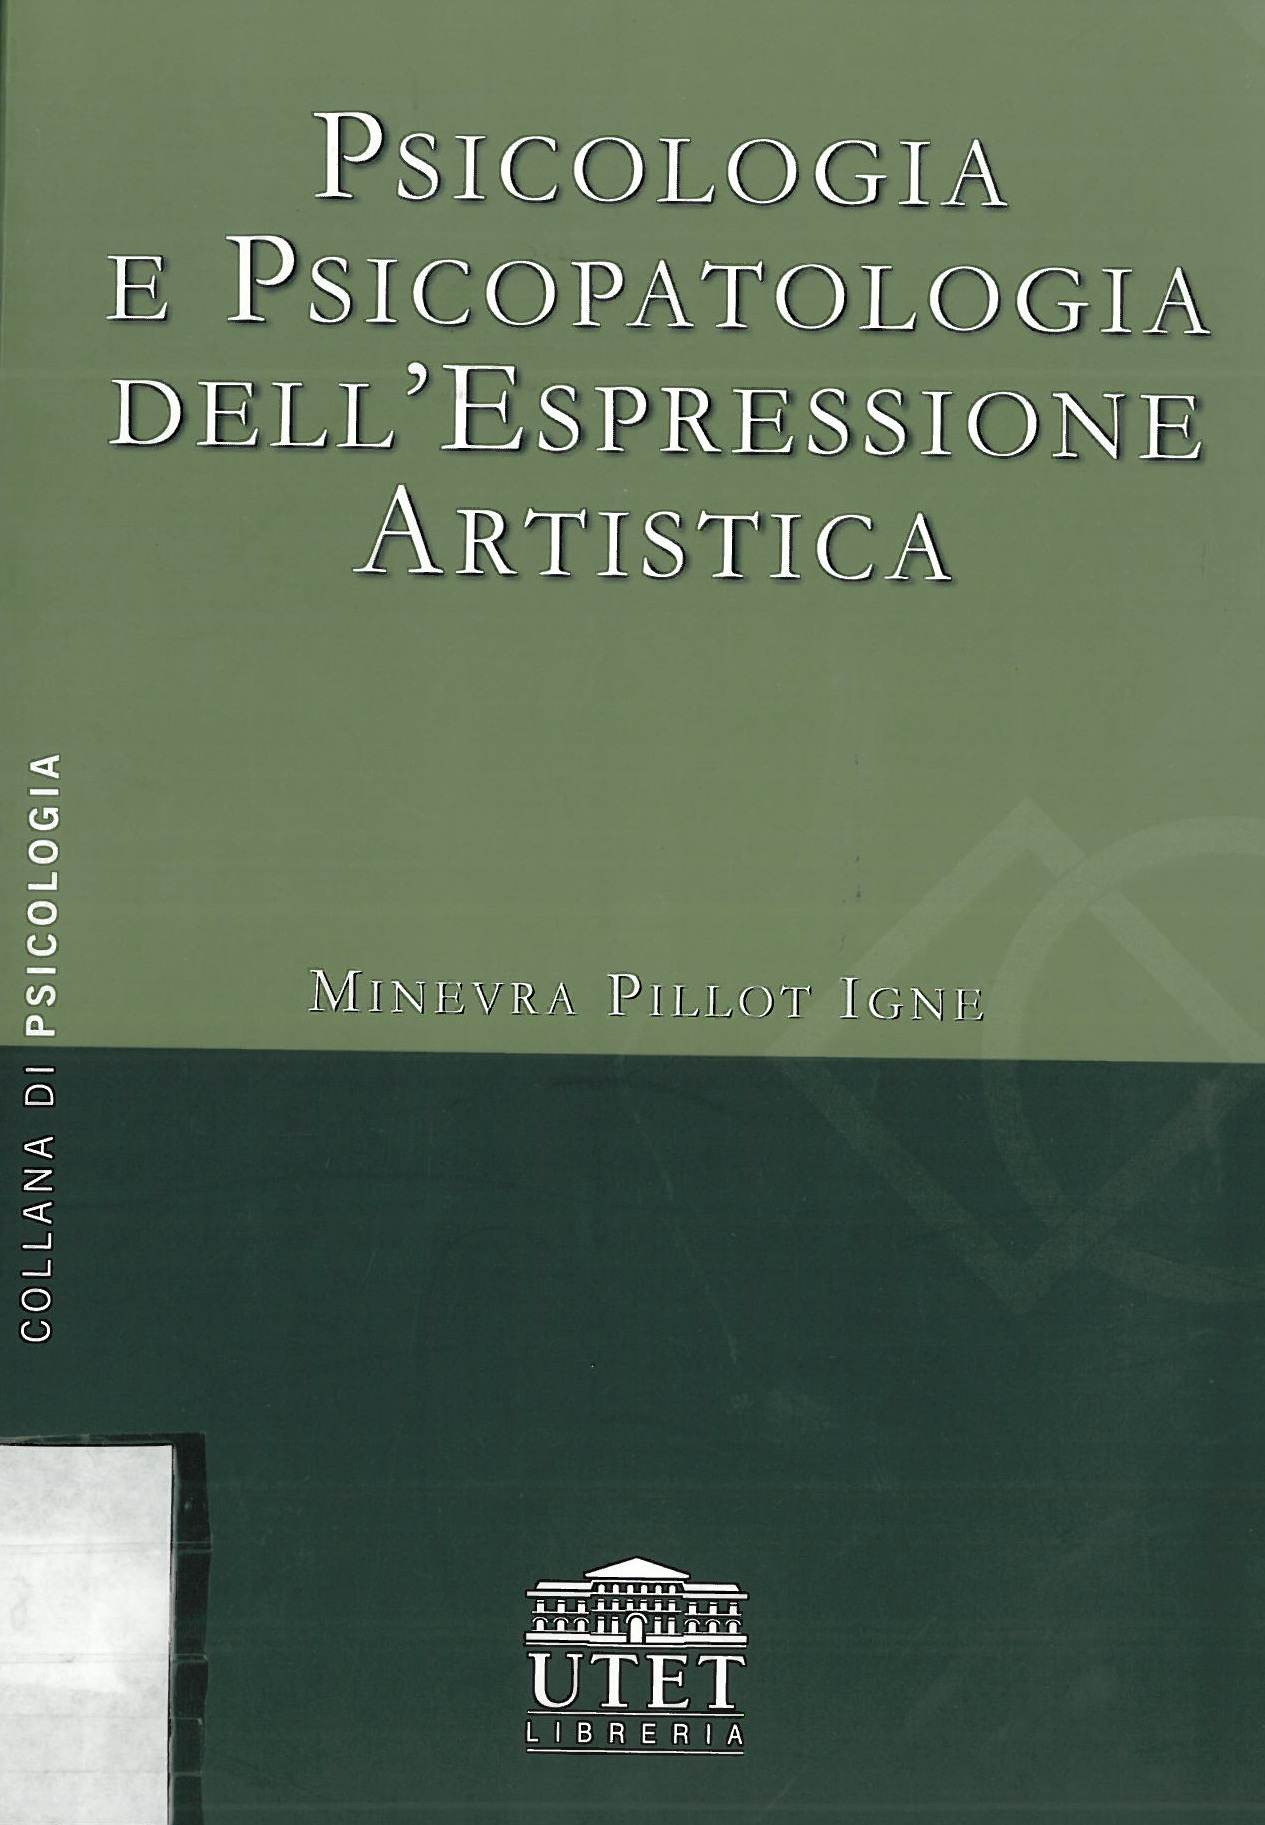 Psicologia e psicopatologia dell'espressione artistica